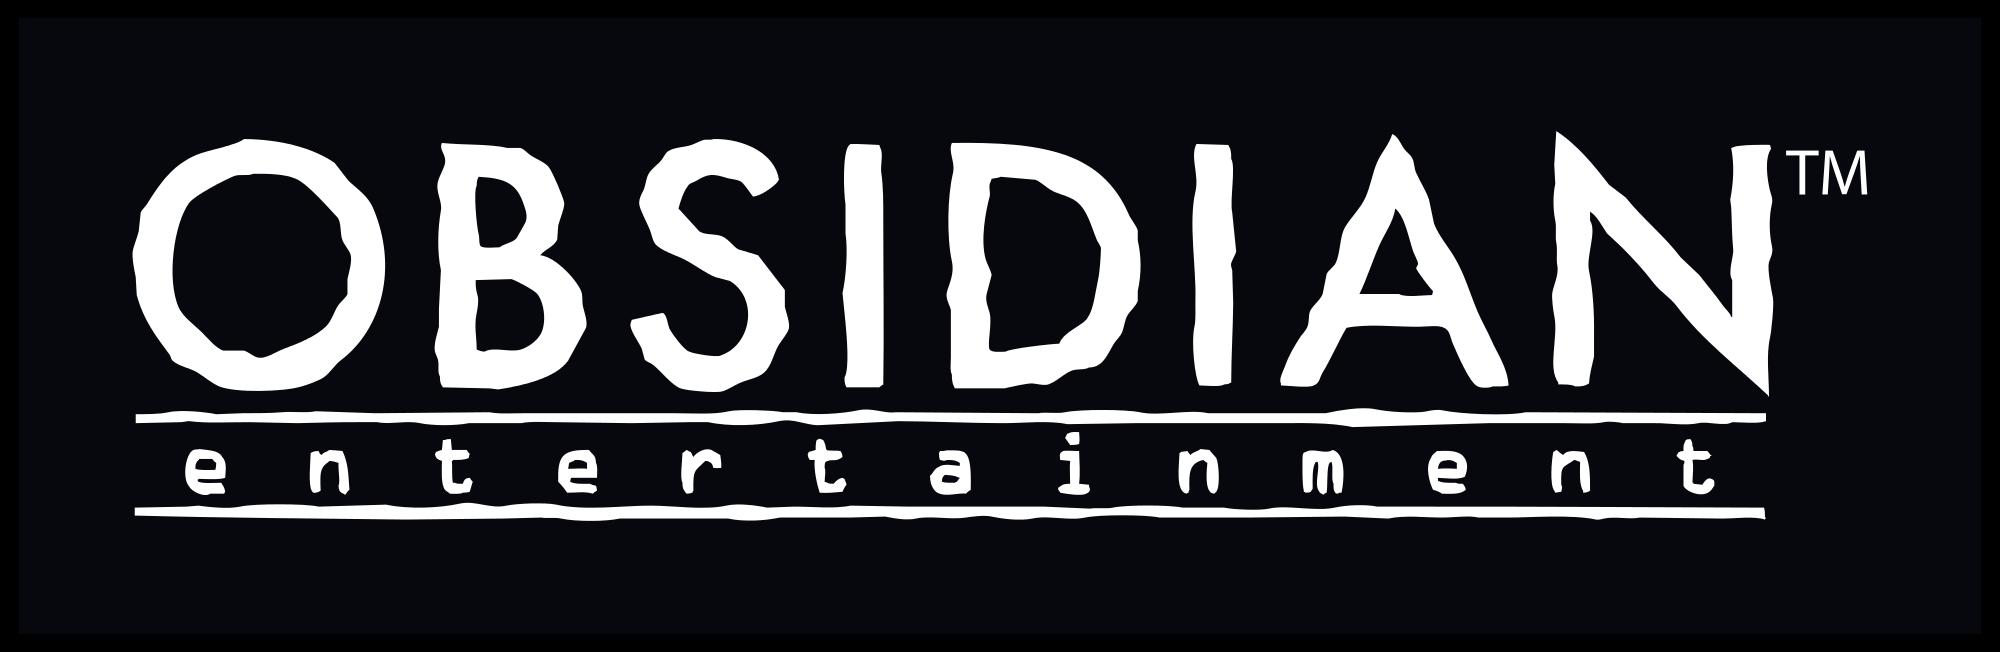 ÐаÑÑинки по запÑоÑÑ obsidian logo png